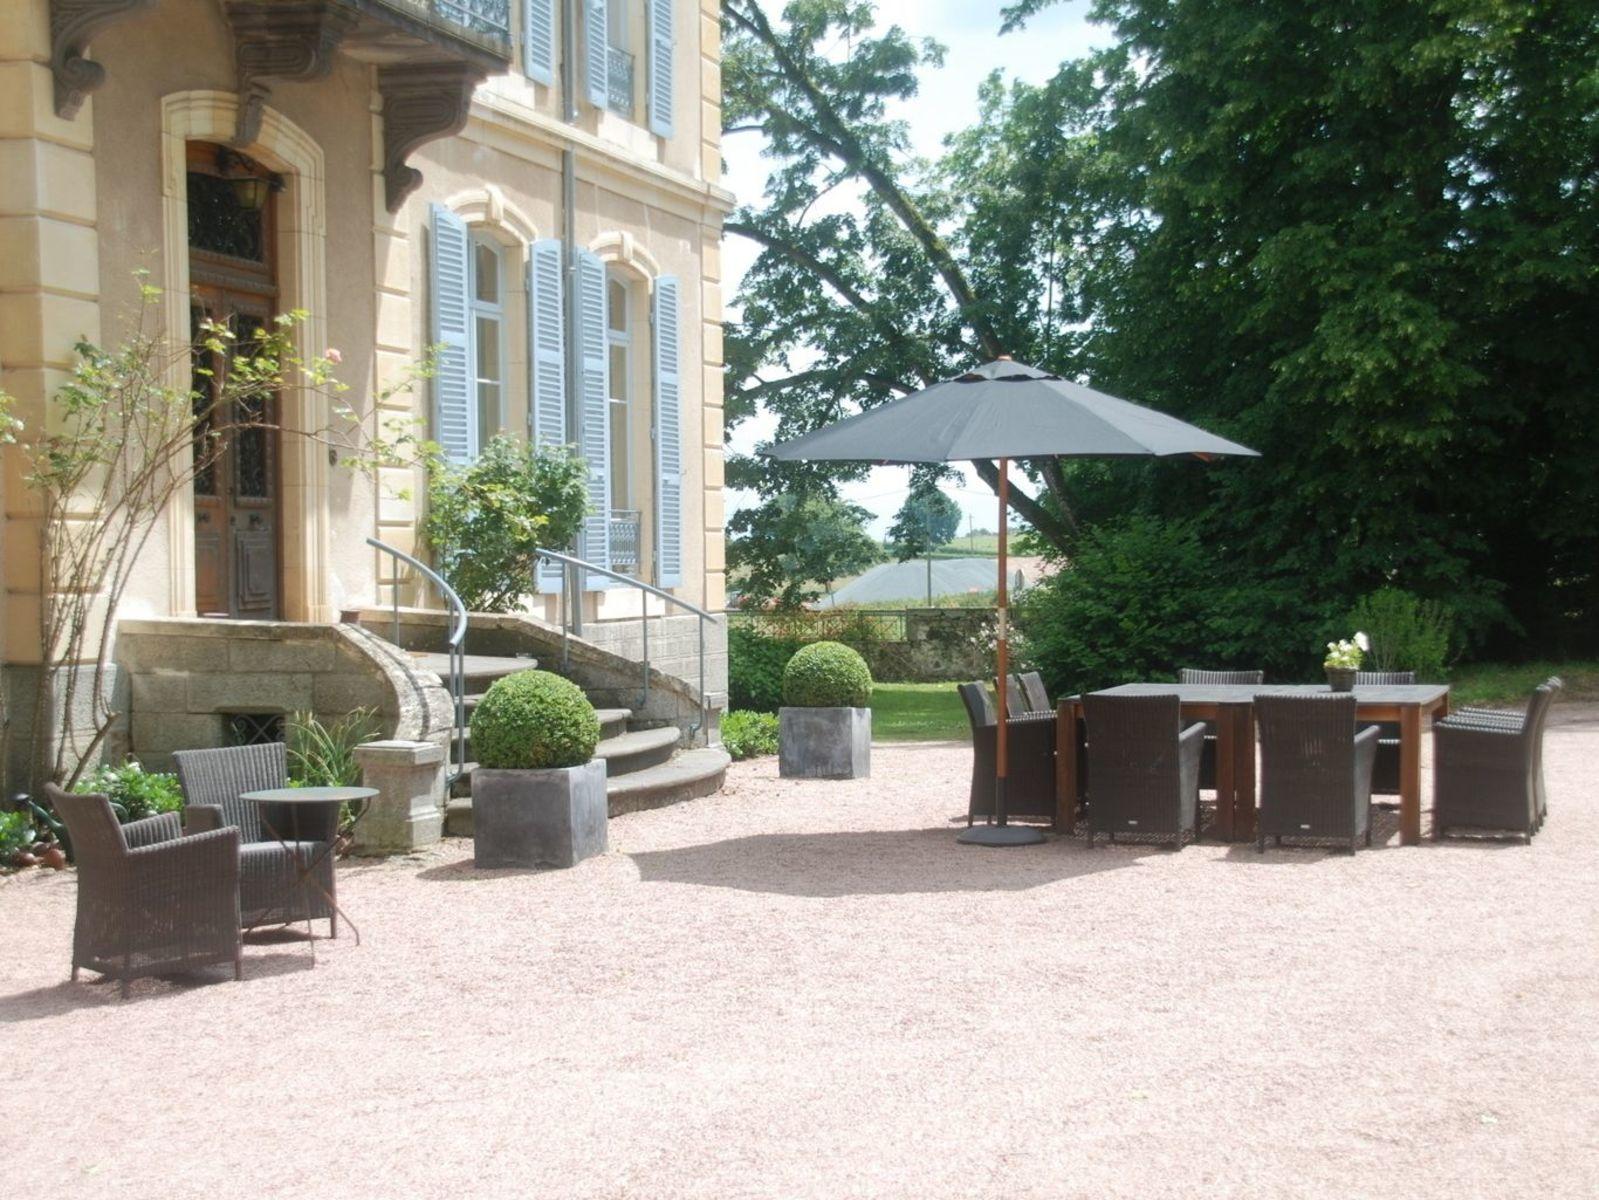 Domaine du Roi Francois - Château & Maison - kasteelvakantie Frankrijk